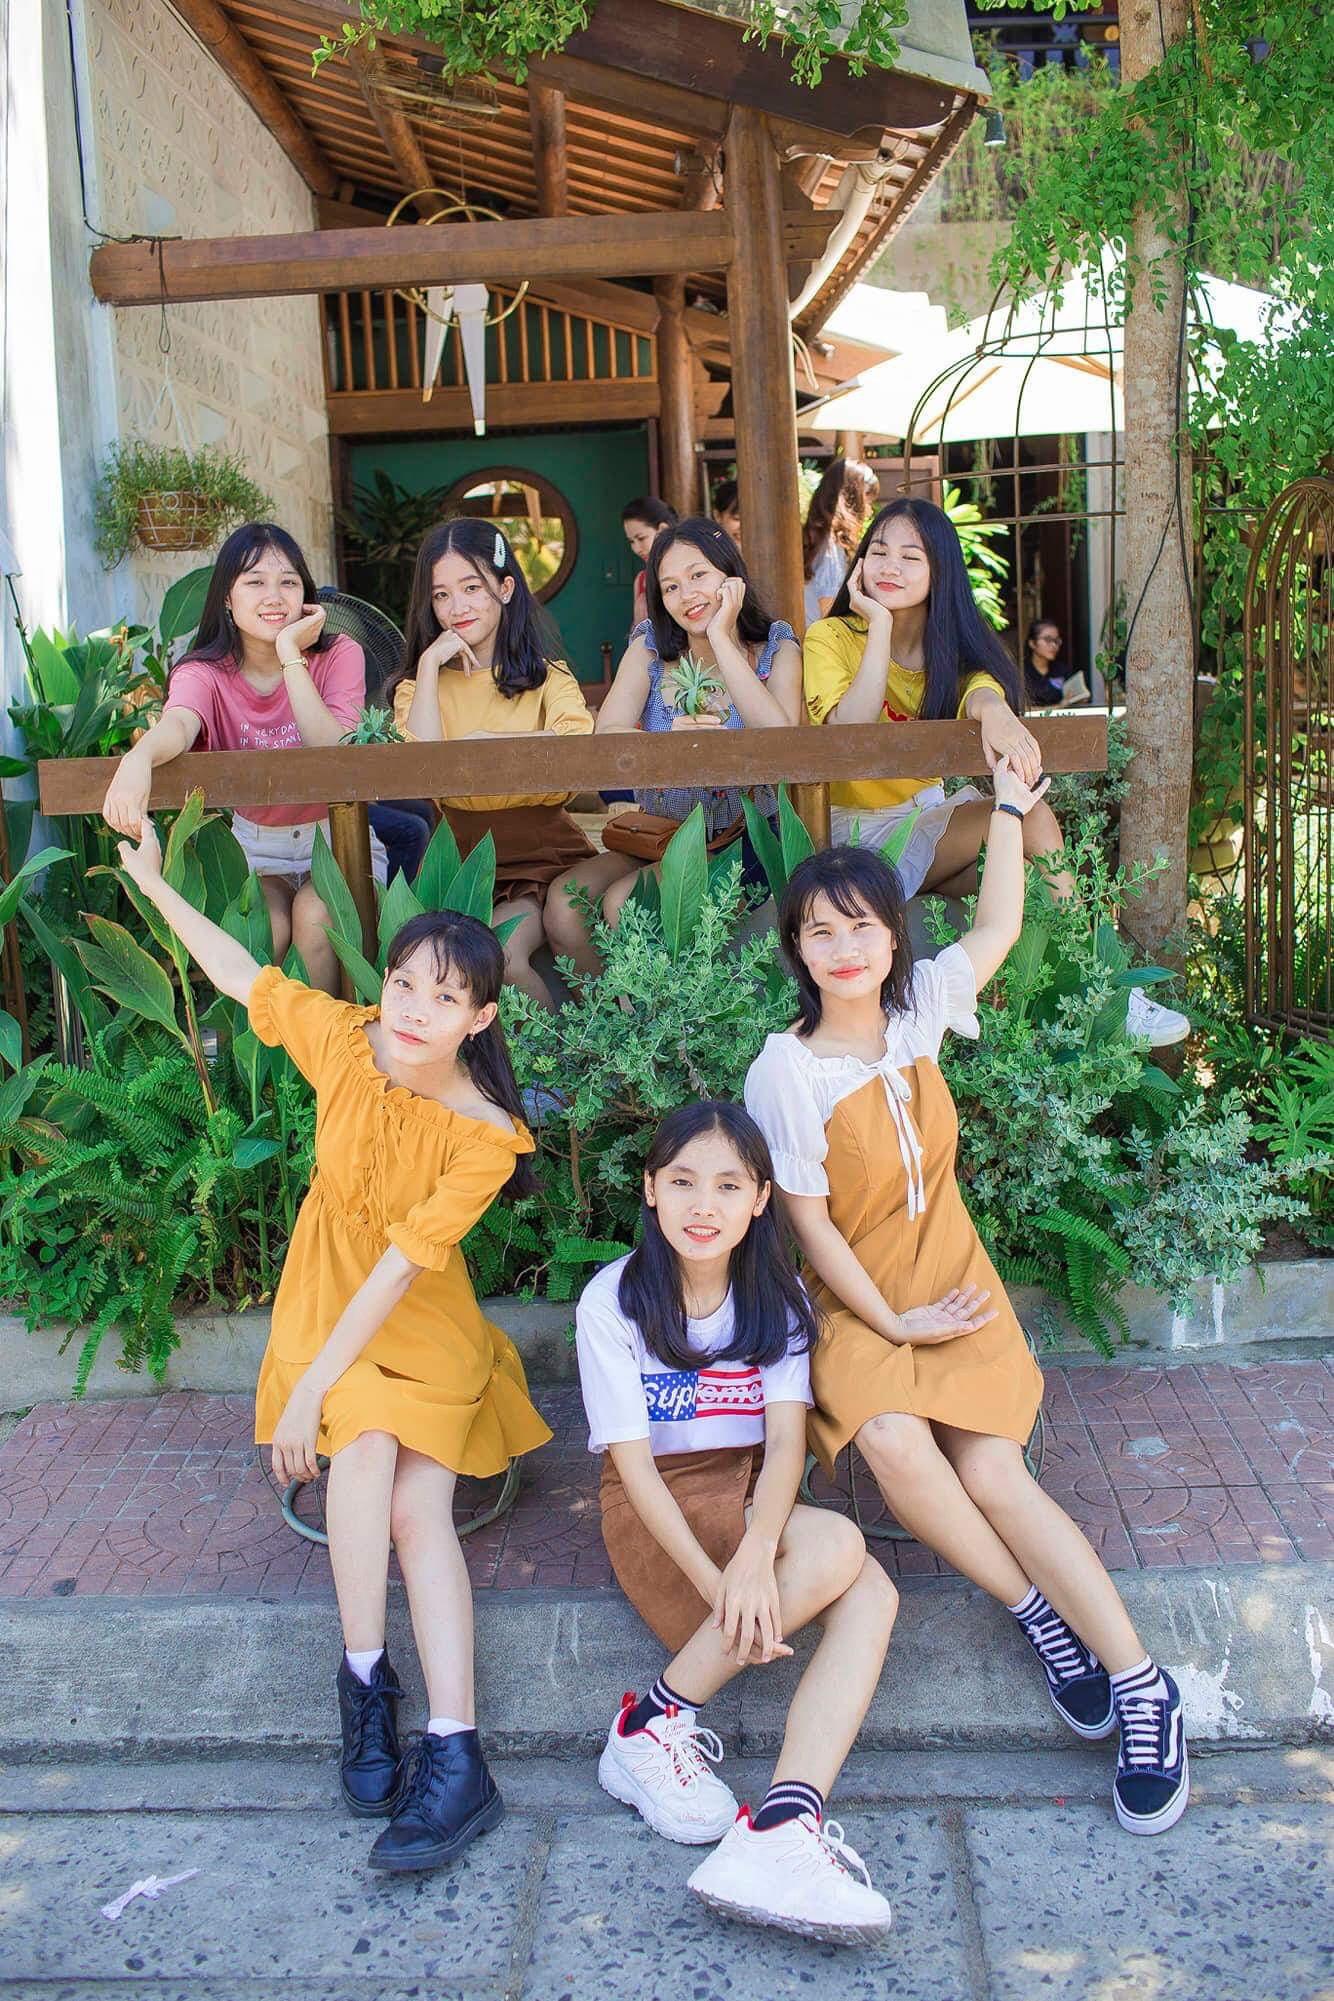 Ảnh 7: Nữ sinh thi được 9.5 Văn - We25.vn